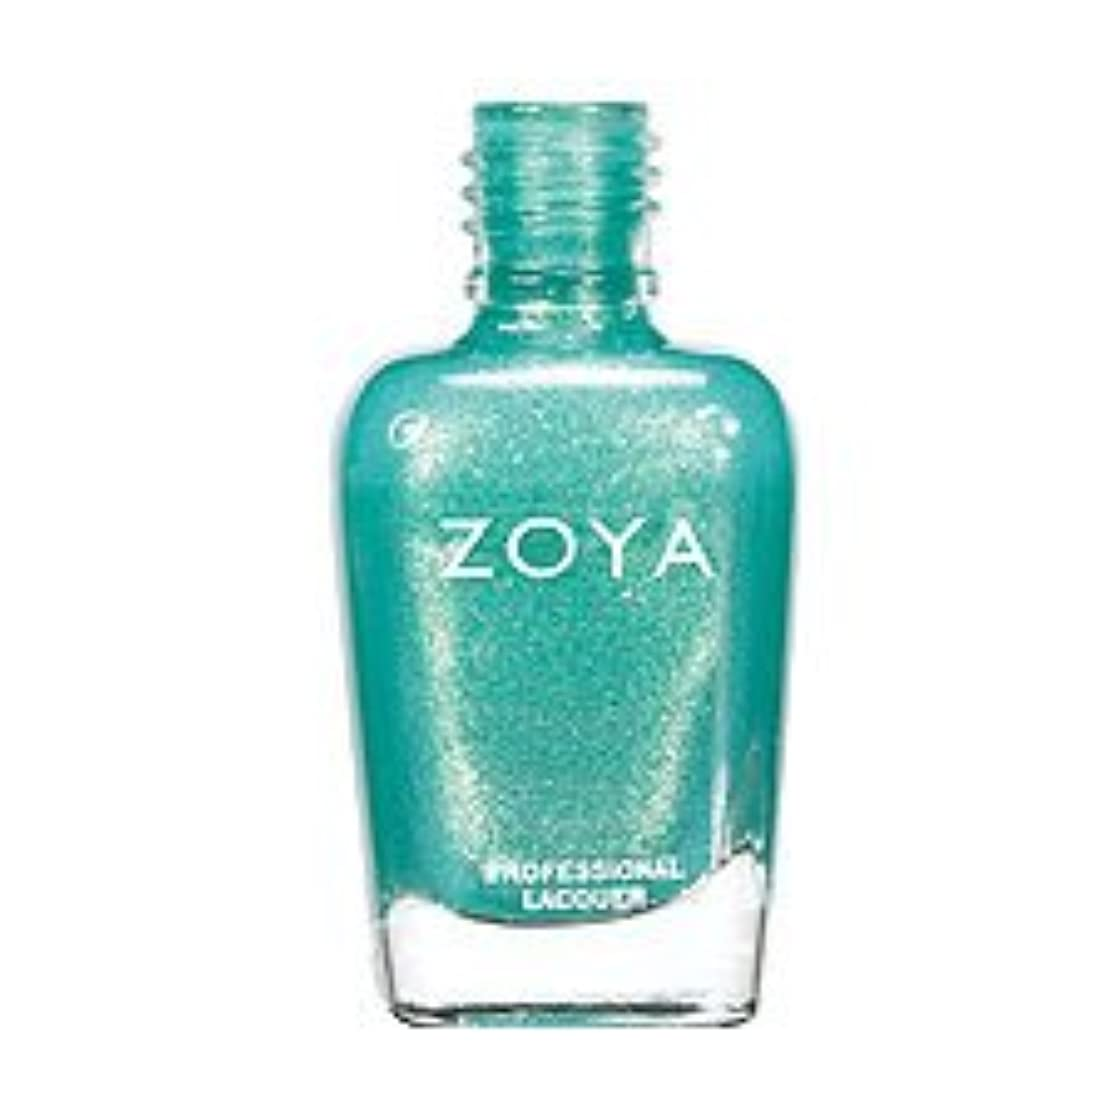 口擬人感情のZoya Vernis à ongles - Zuza ZP625 - Beach and Surf Summer Collection 2012